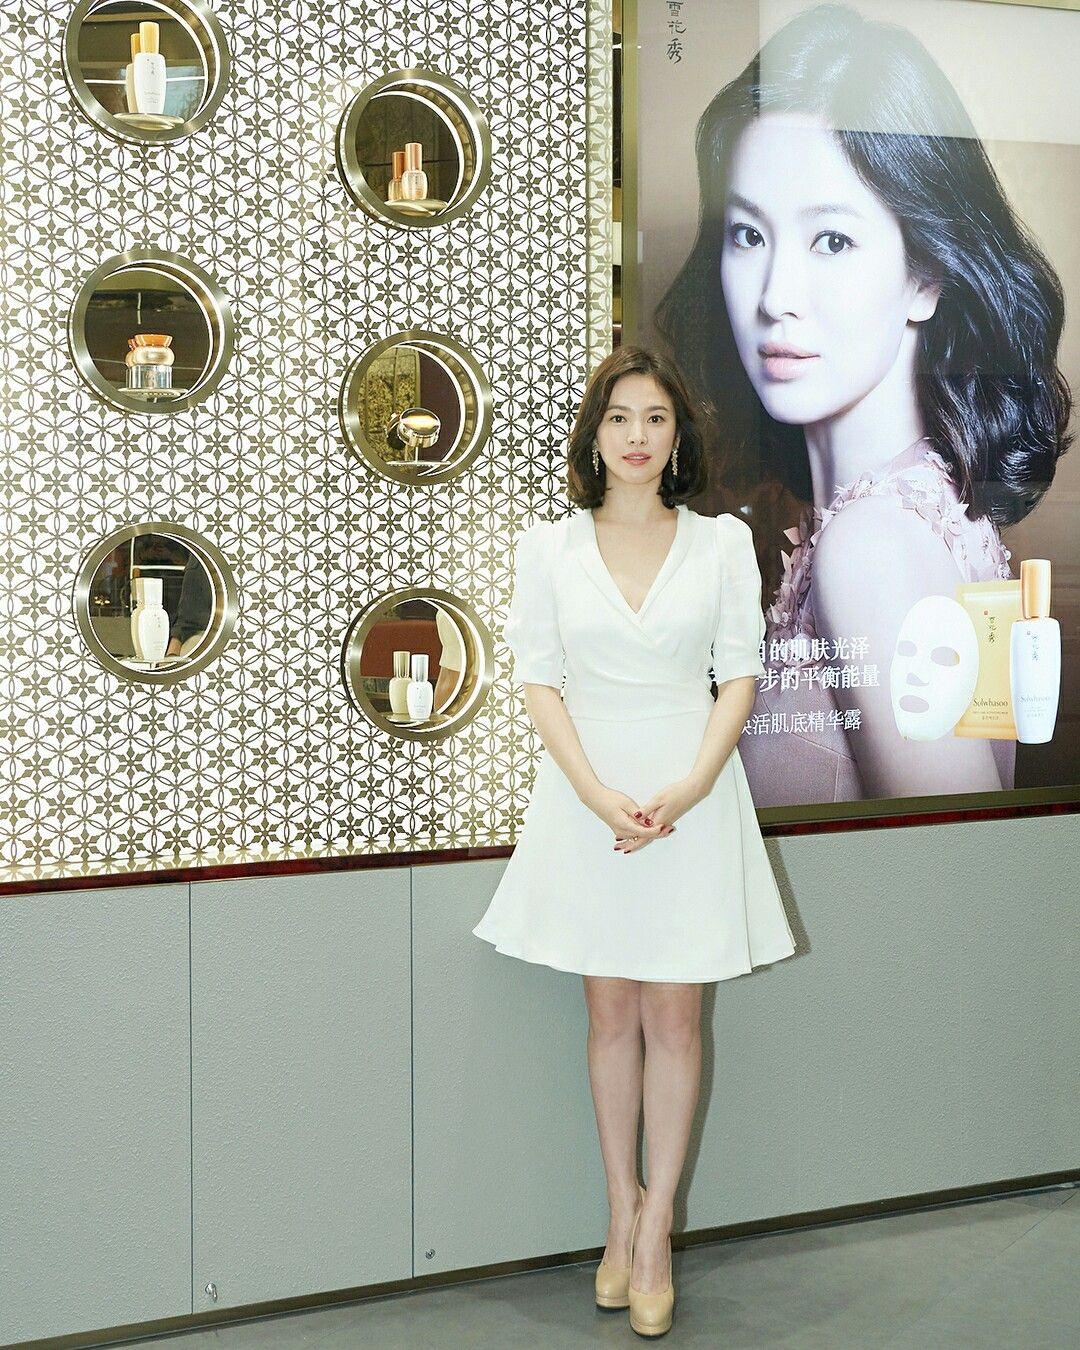 Rút kinh nghiệm từ Song Hye Kyo, chị em sẽ biết mẫu giày nào nên - không nên diện nếu sở hữu cặp chân ngắn và hơi thô - Ảnh 6